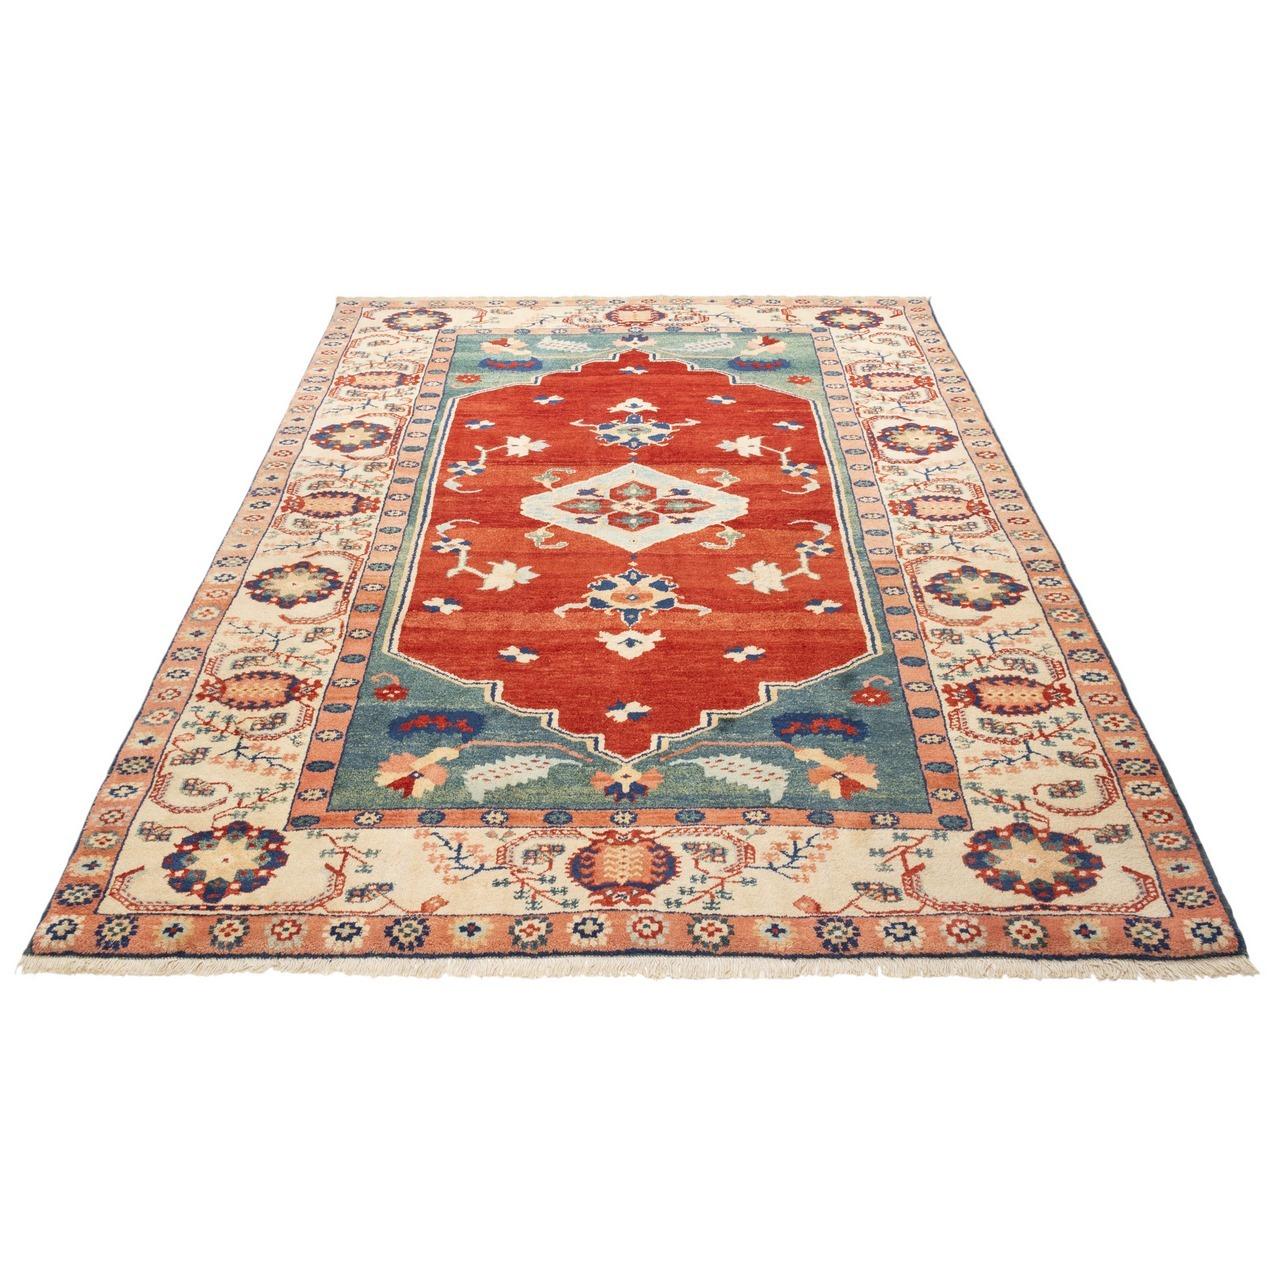 خرید                     فرش دستباف شش متری سی پرشیا کد 171271